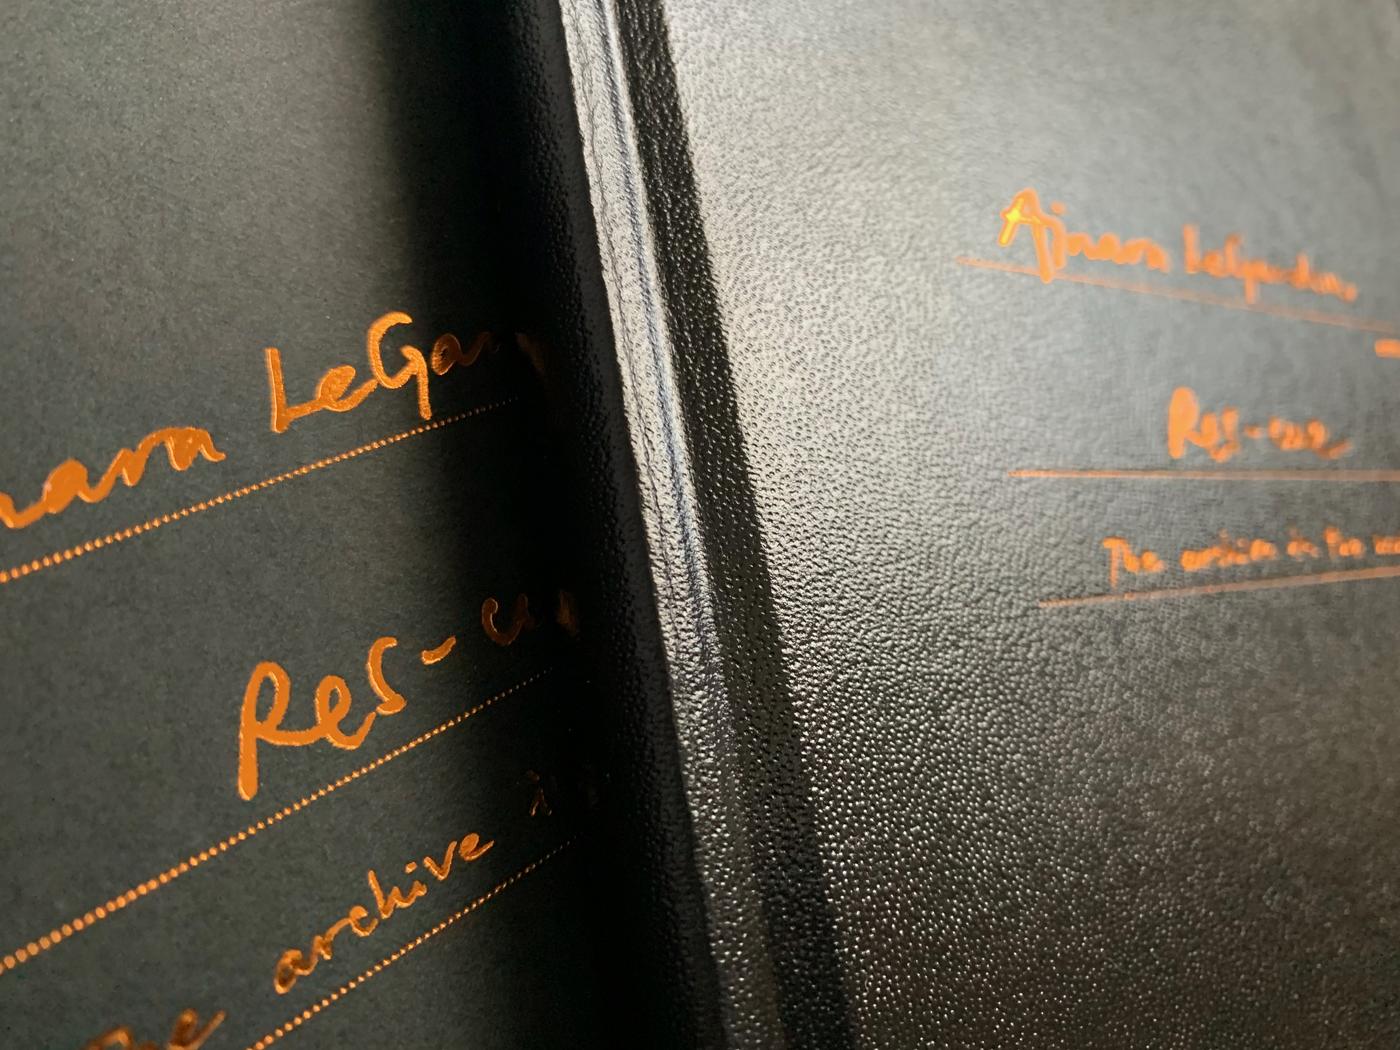 Ainara LeGardon Res-cue detalle estampado cobre